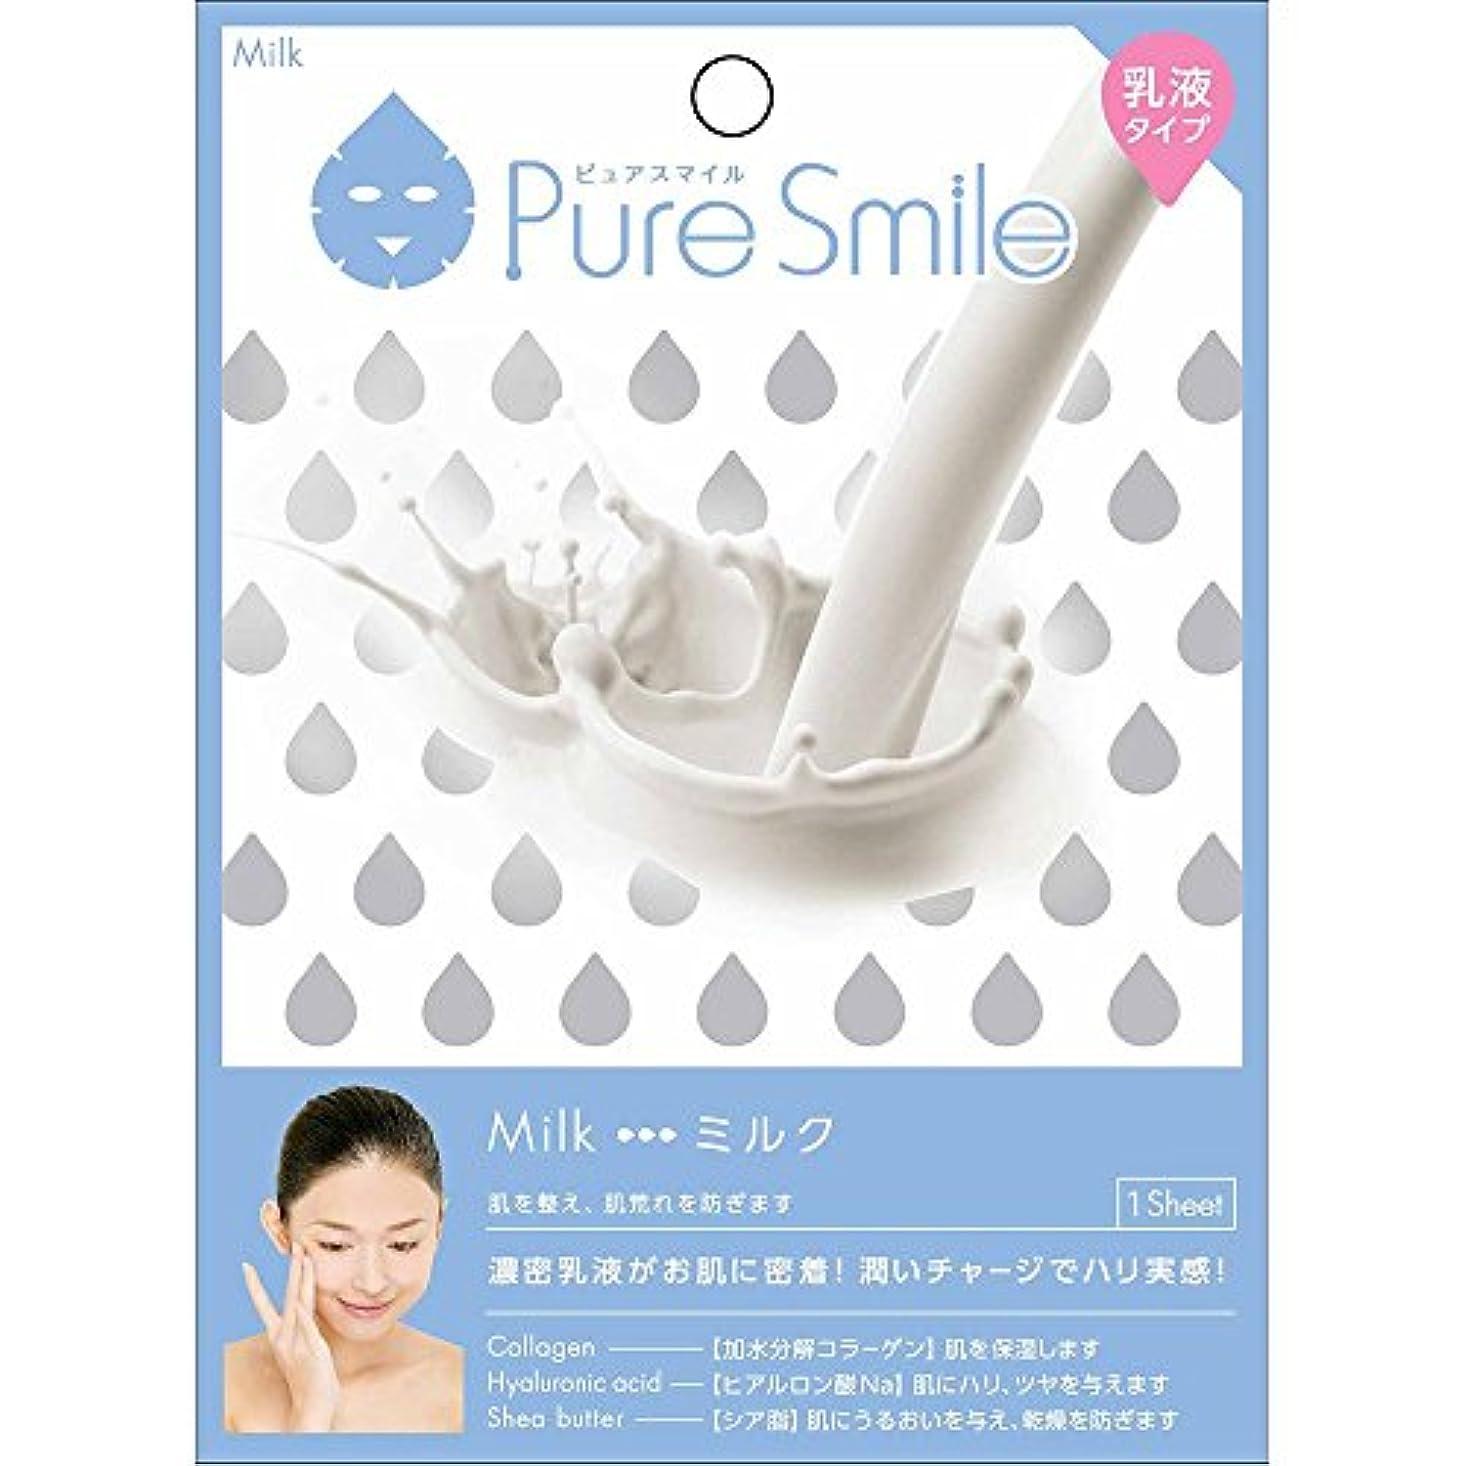 静める集中排他的Pure Smile(ピュアスマイル) 乳液エッセンスマスク 1 枚 ミルク